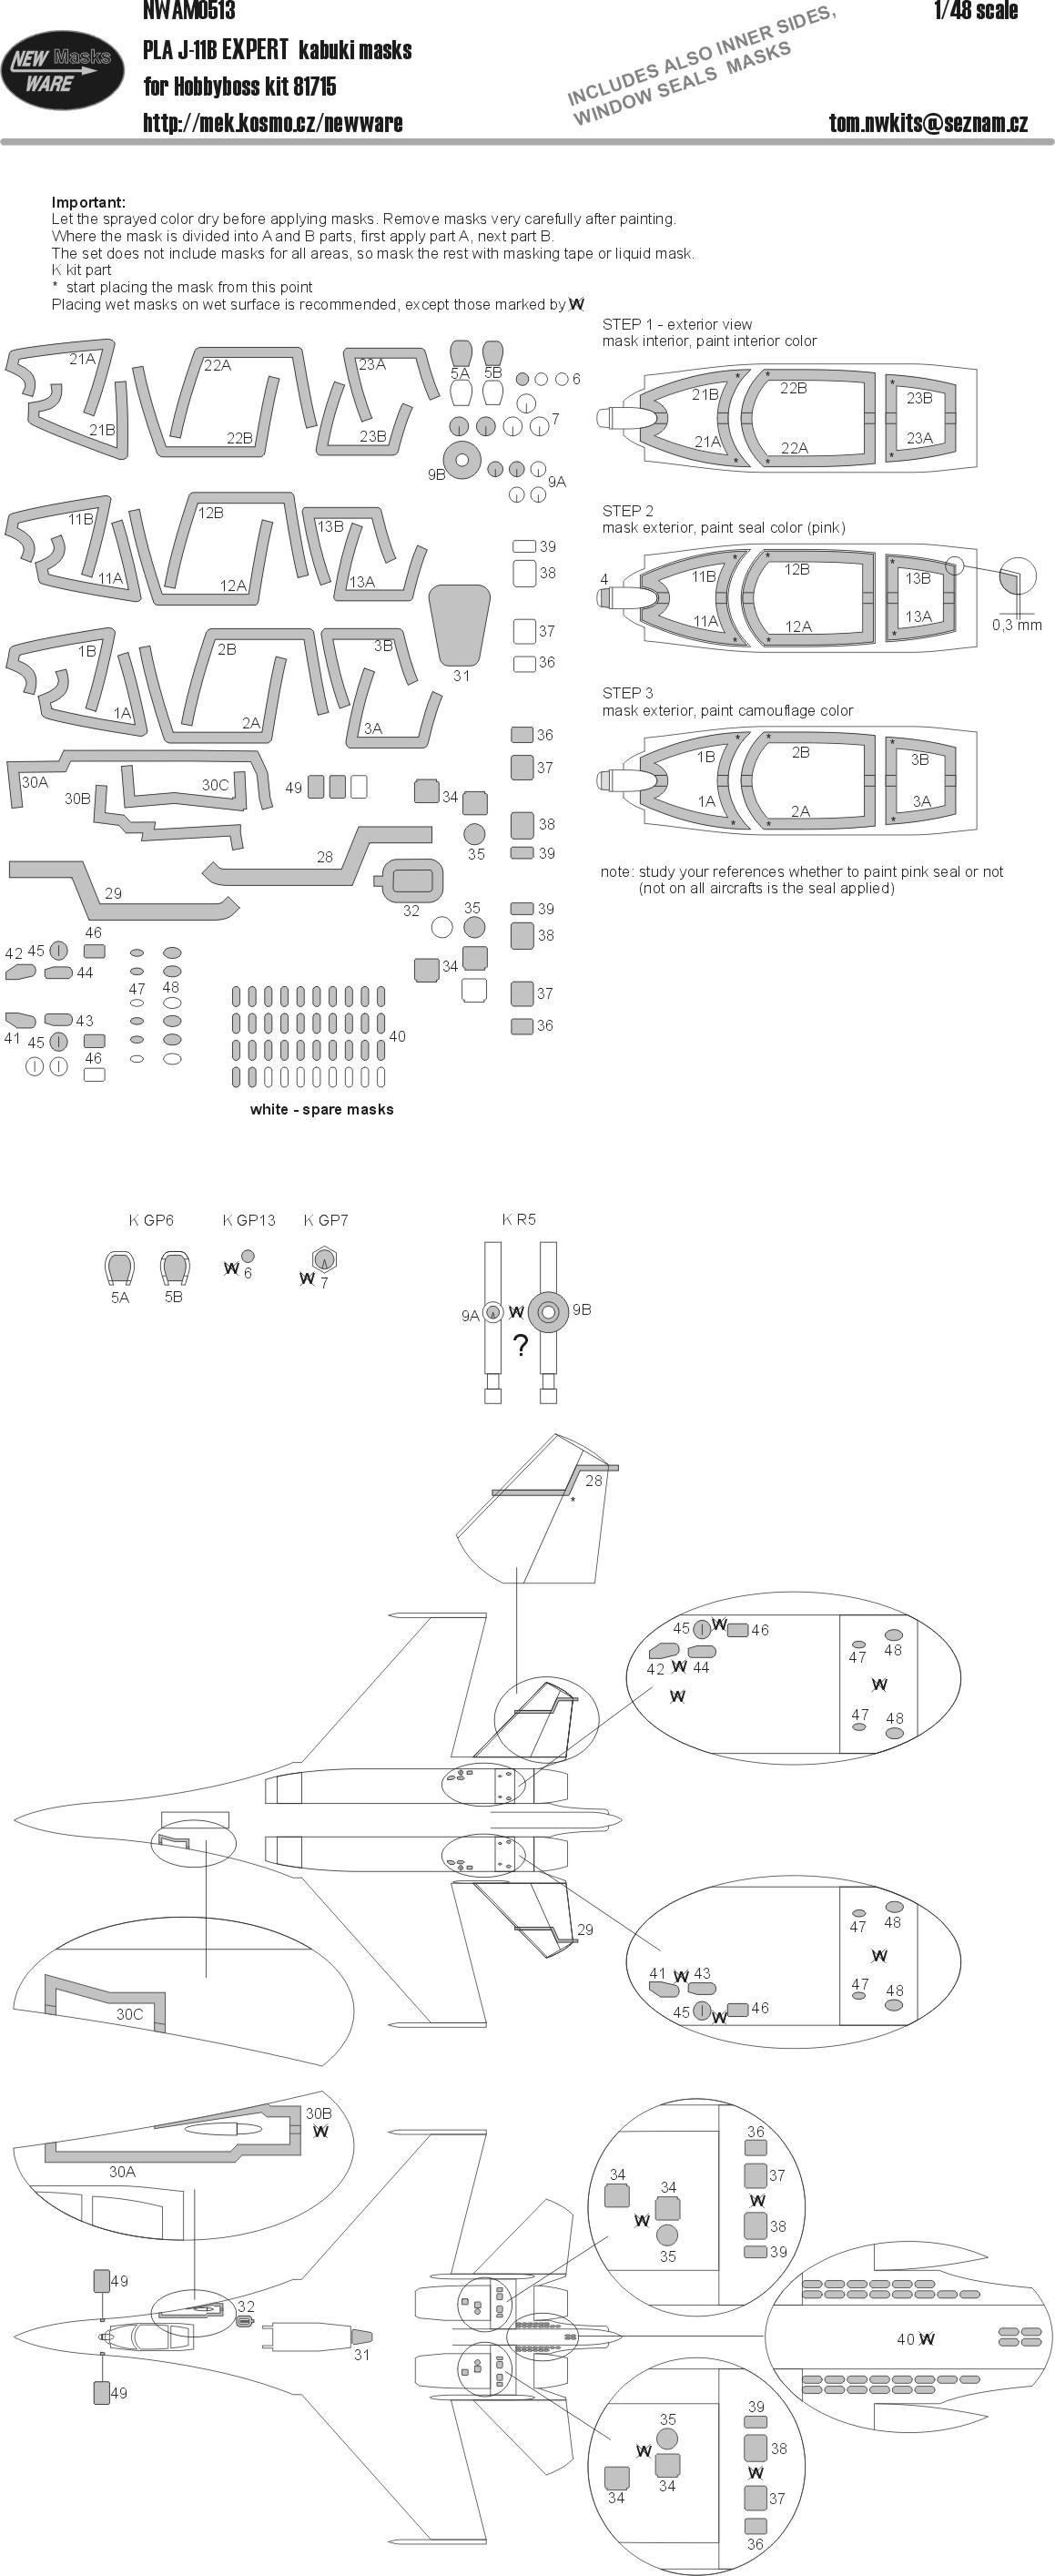 NWAM0513